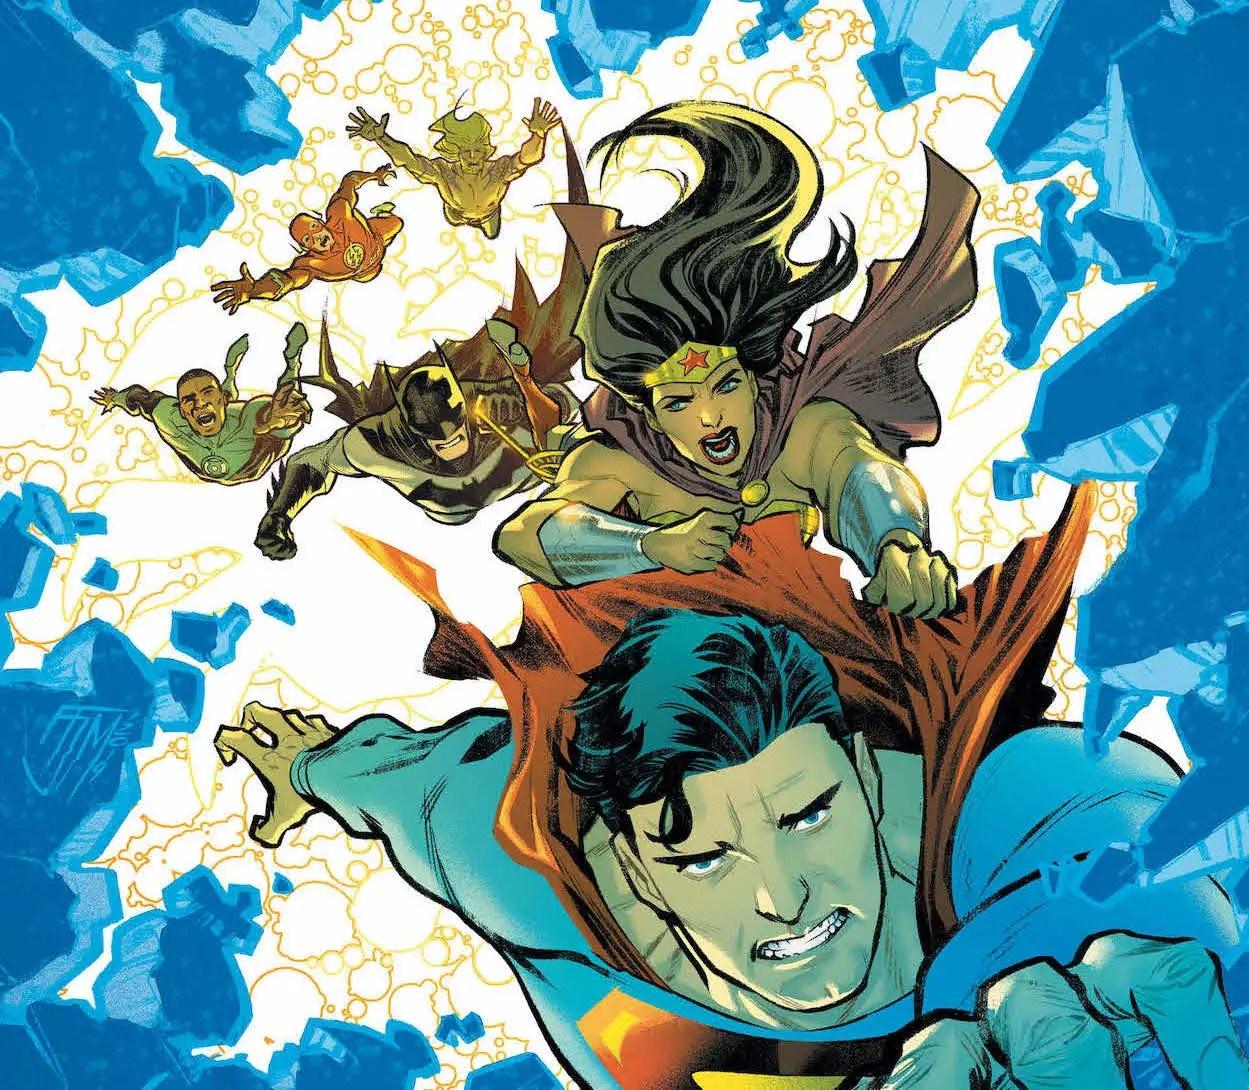 'Justice League' #44 review: Explosive action